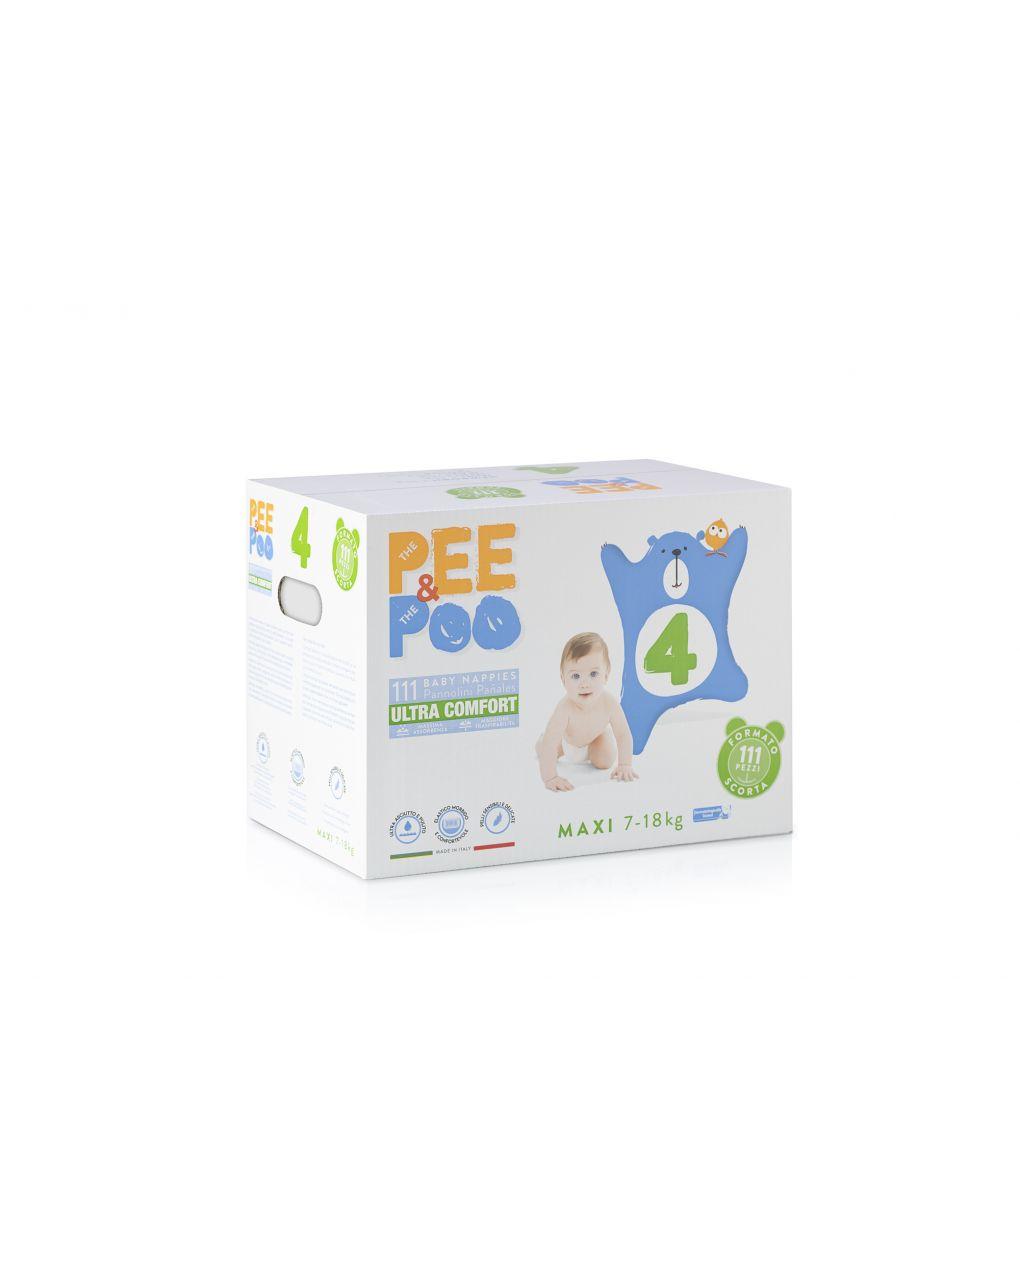 Pee&poo - jumbo maxi tg4 111 pz - The Pee & The Poo